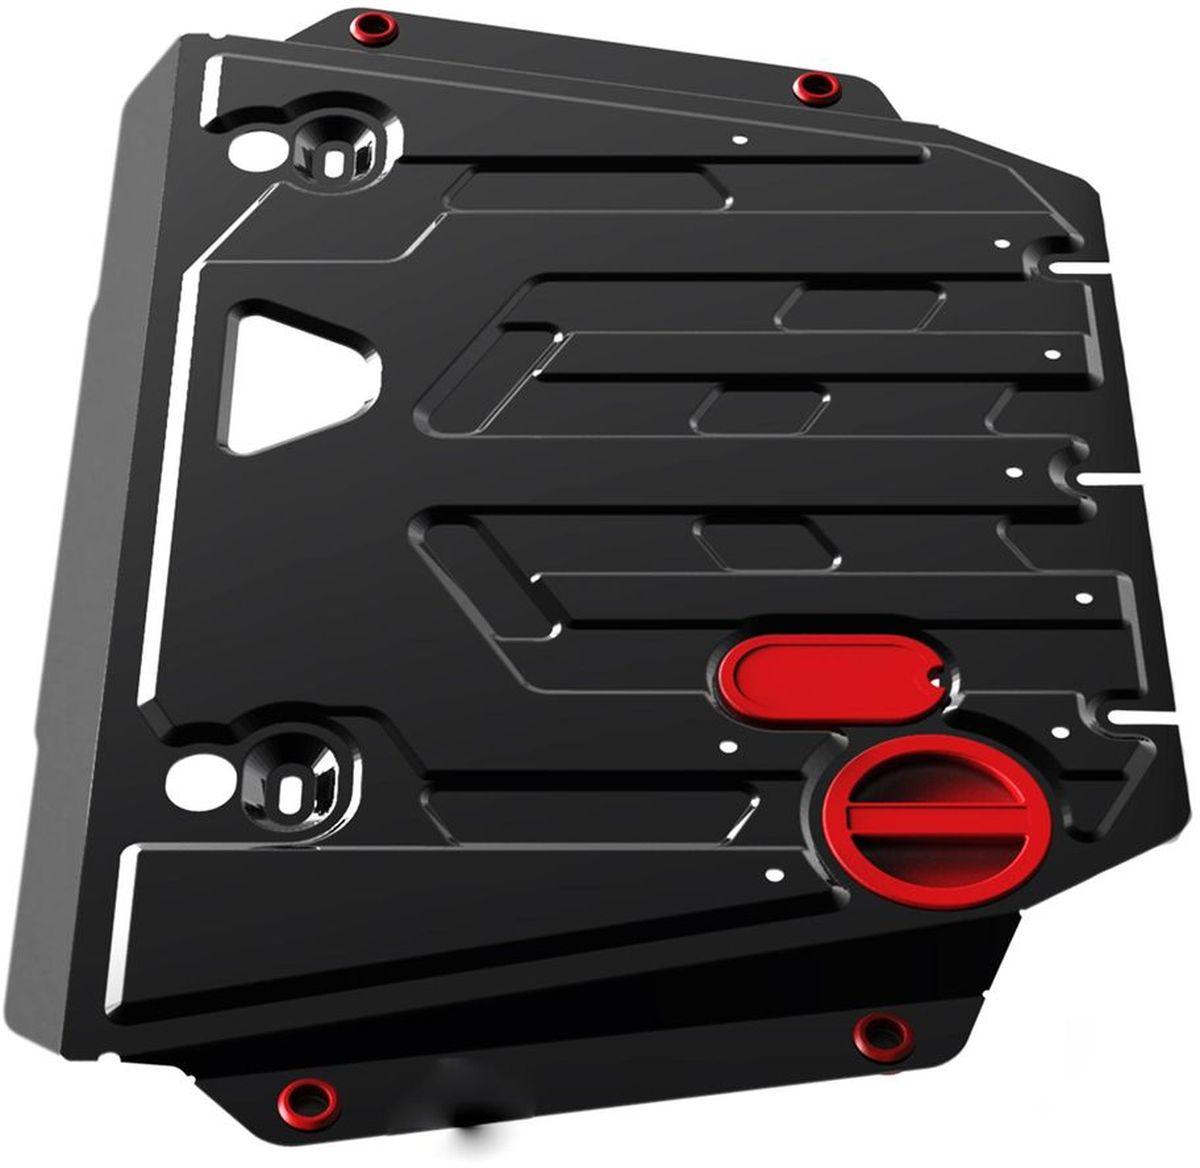 Защита картера и КПП Автоброня, для Hyundai Tucson А/KIA Sportage, V - 2,0MPI; 2,0CRDI; 1,6Т(177hp) (2015-)111.02357.1Технологически совершенный продукт за невысокую стоимость. Защита разработана с учетом особенностей днища автомобиля, что позволяет сохранить дорожный просвет с минимальным изменением. Защита устанавливается в штатные места кузова автомобиля. Глубокий штамп обеспечивает до двух раз больше жесткости в сравнении с обычной защитой той же толщины. Проштампованные ребра жесткости препятствуют деформации защиты при ударах. Тепловой зазор и вентиляционные отверстия обеспечивают сохранение температурного режима двигателя в норме. Скрытый крепеж предотвращает срыв крепежных элементов при наезде на препятствие. Шумопоглощающие резиновые элементы обеспечивают комфортную езду без вибраций и скрежета металла, а съемные лючки для слива масла и замены фильтра - экономию средств и время. Конструкция изделия не влияет на пассивную безопасность автомобиля (при ударе защита не воздействует на деформационные зоны кузова). Со штатным крепежом. В комплекте инструкция по установке....